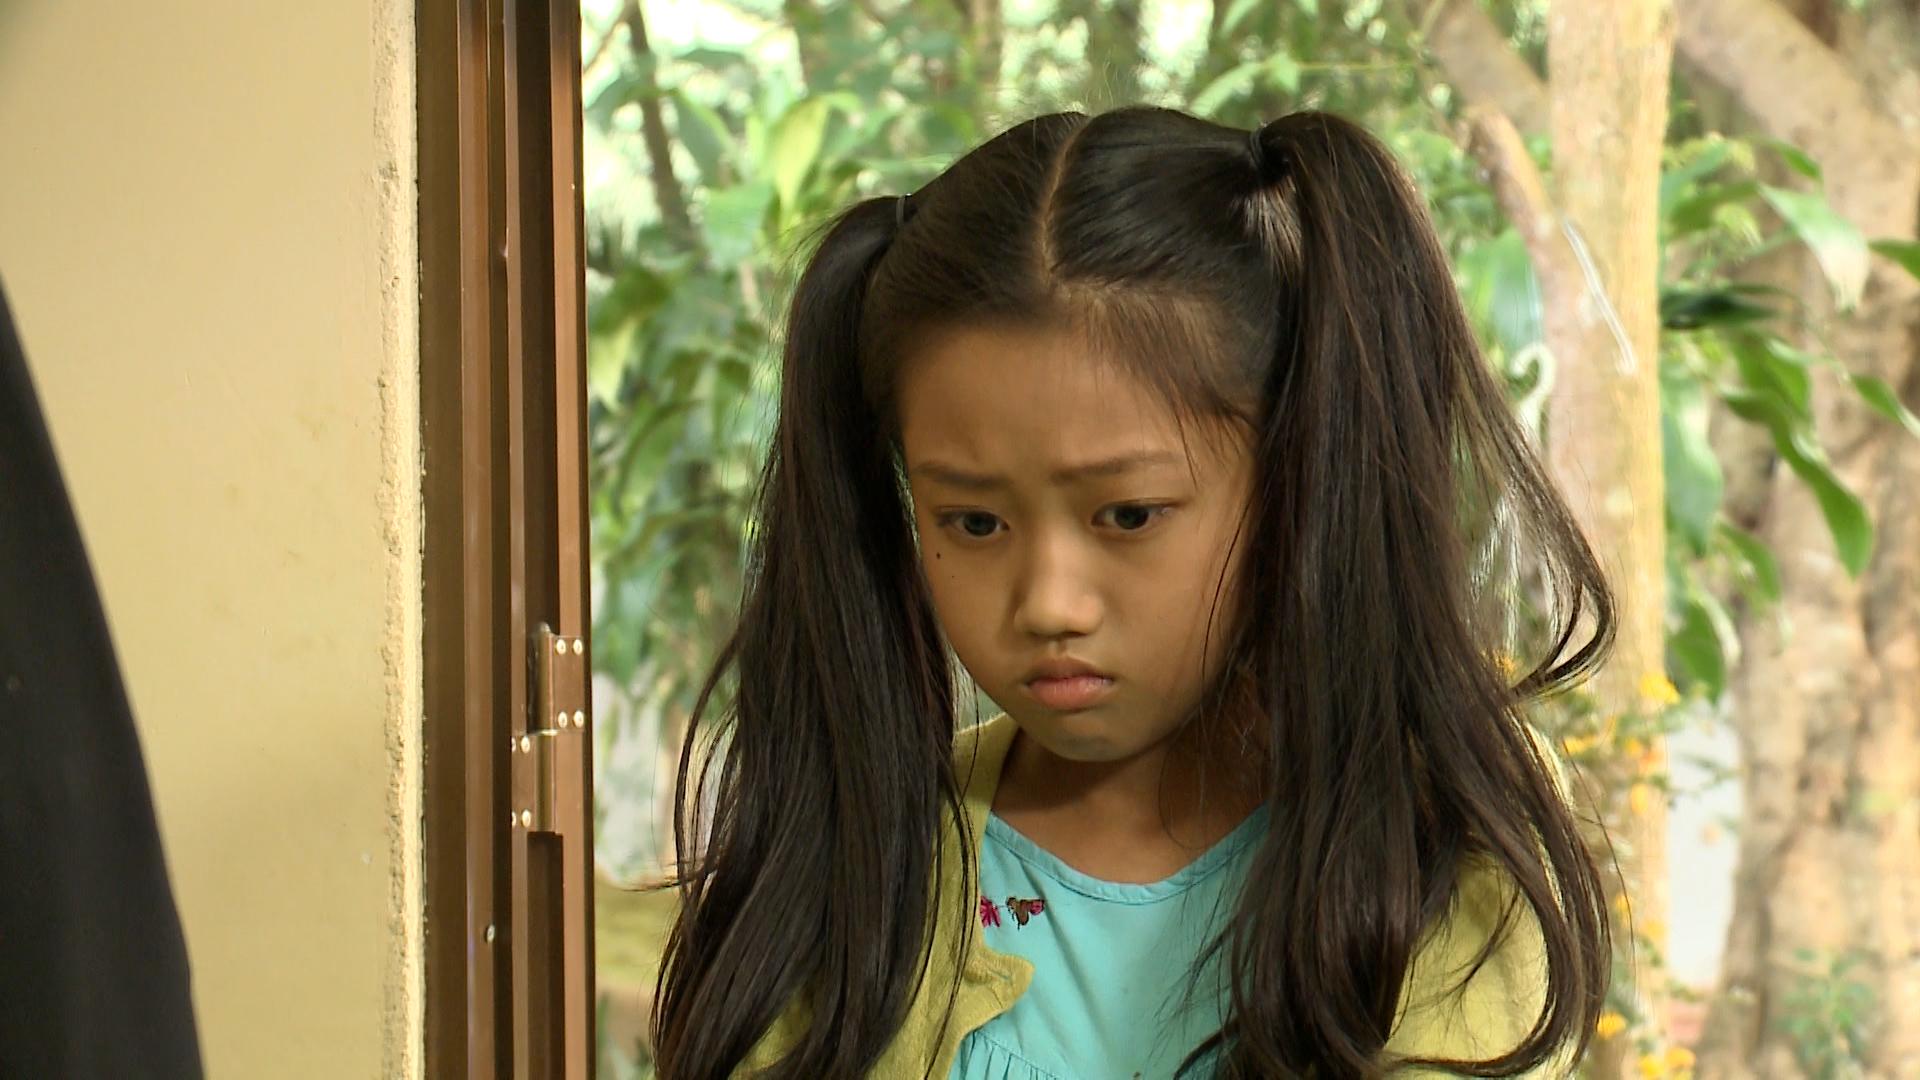 """""""Con gái Hai Phượng"""" mới 10 tuổi đã nhiều thủ đoạn khiến khán giả ngỡ ngàng - 1"""